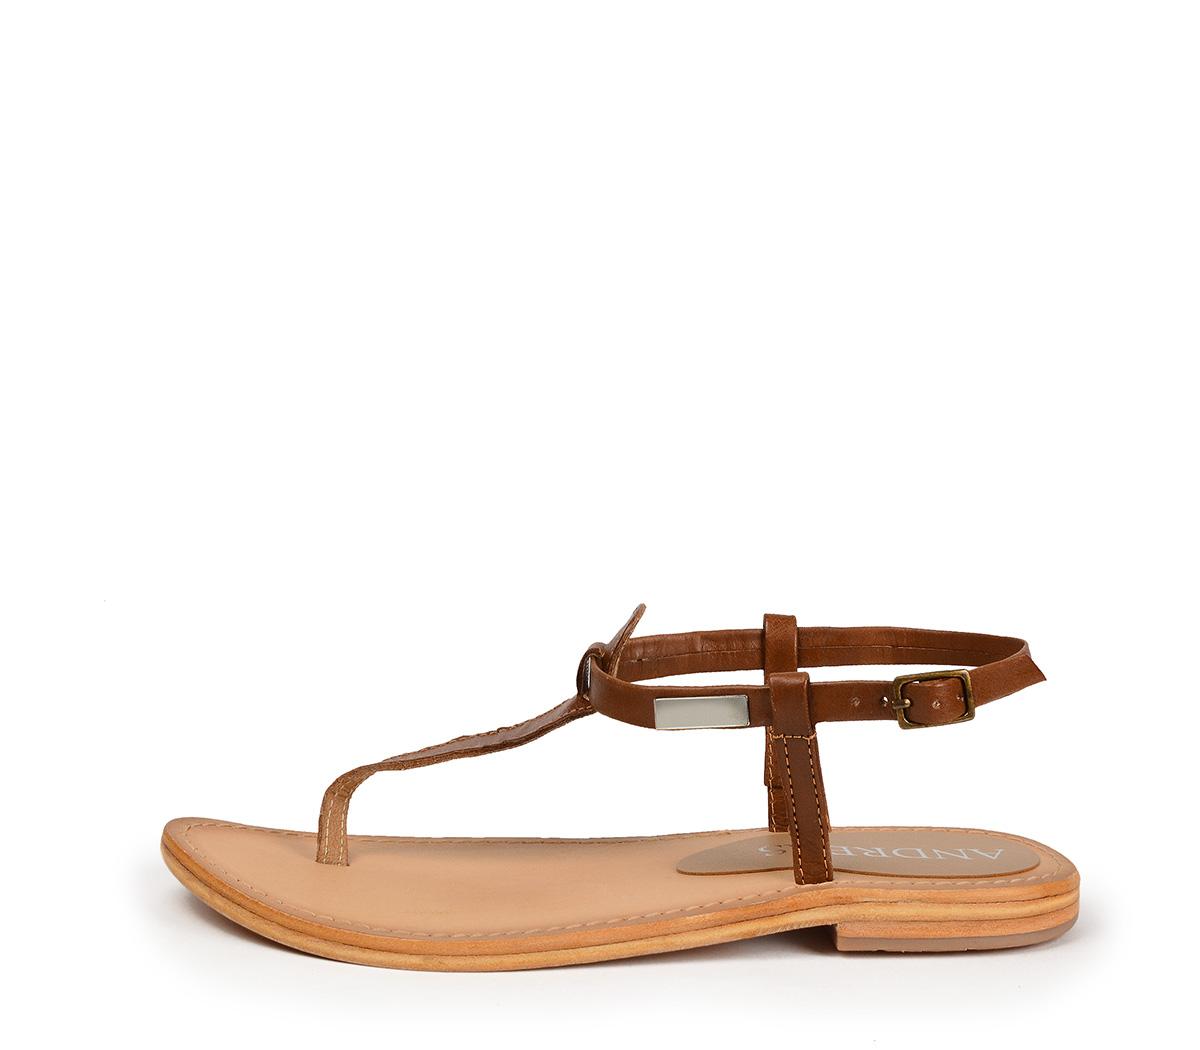 Ref. 4440 Sandalia piel cuero con tira y pulsera al talón con hebilla dorada. Plantilla de piel.